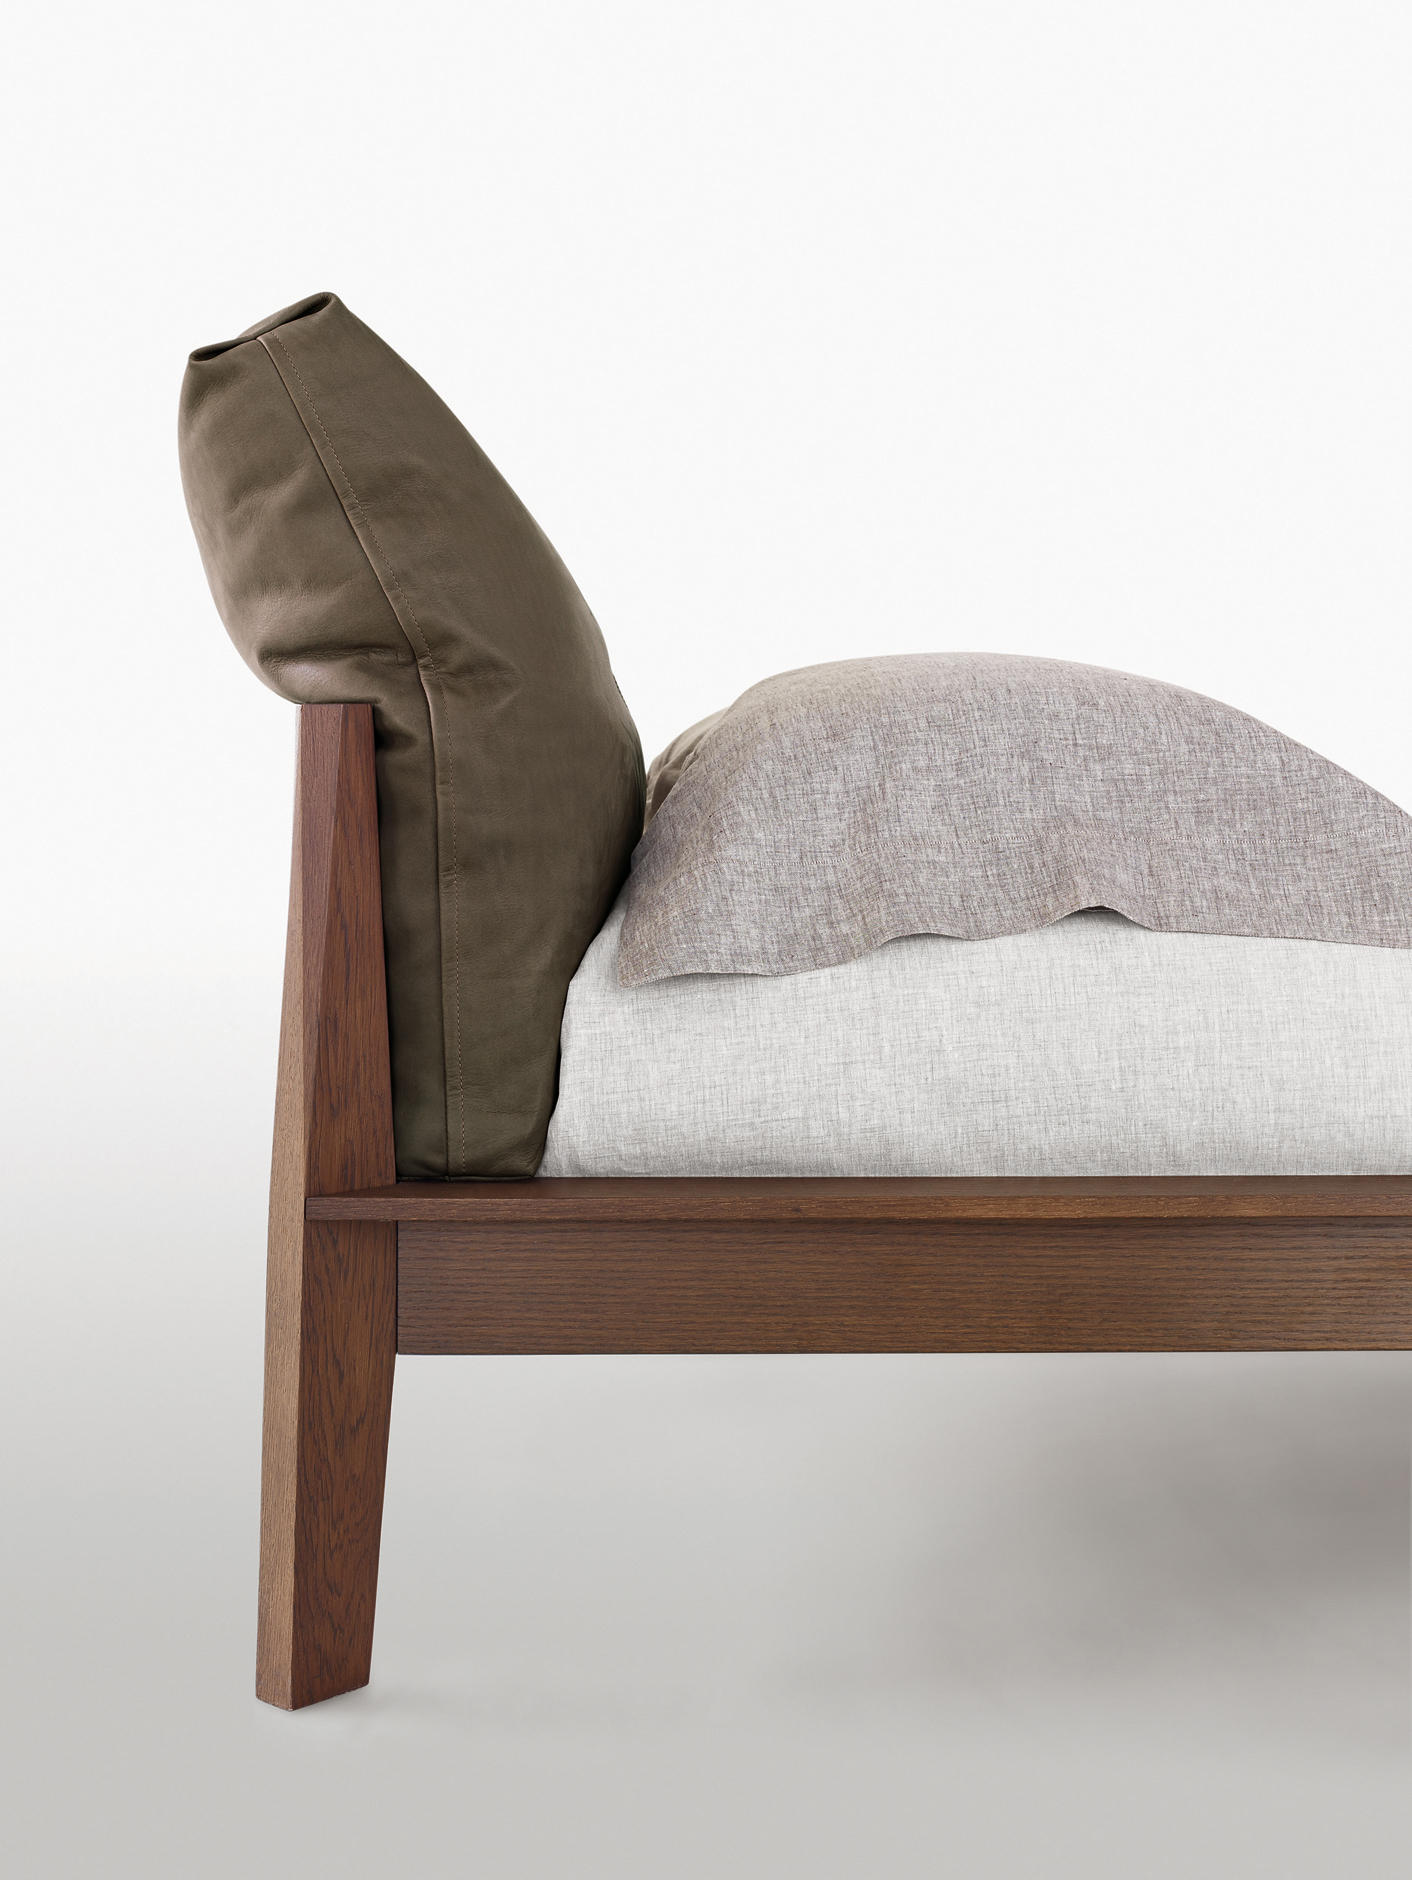 Wish beds from molteni c architonic - Divano letto oz molteni prezzo ...